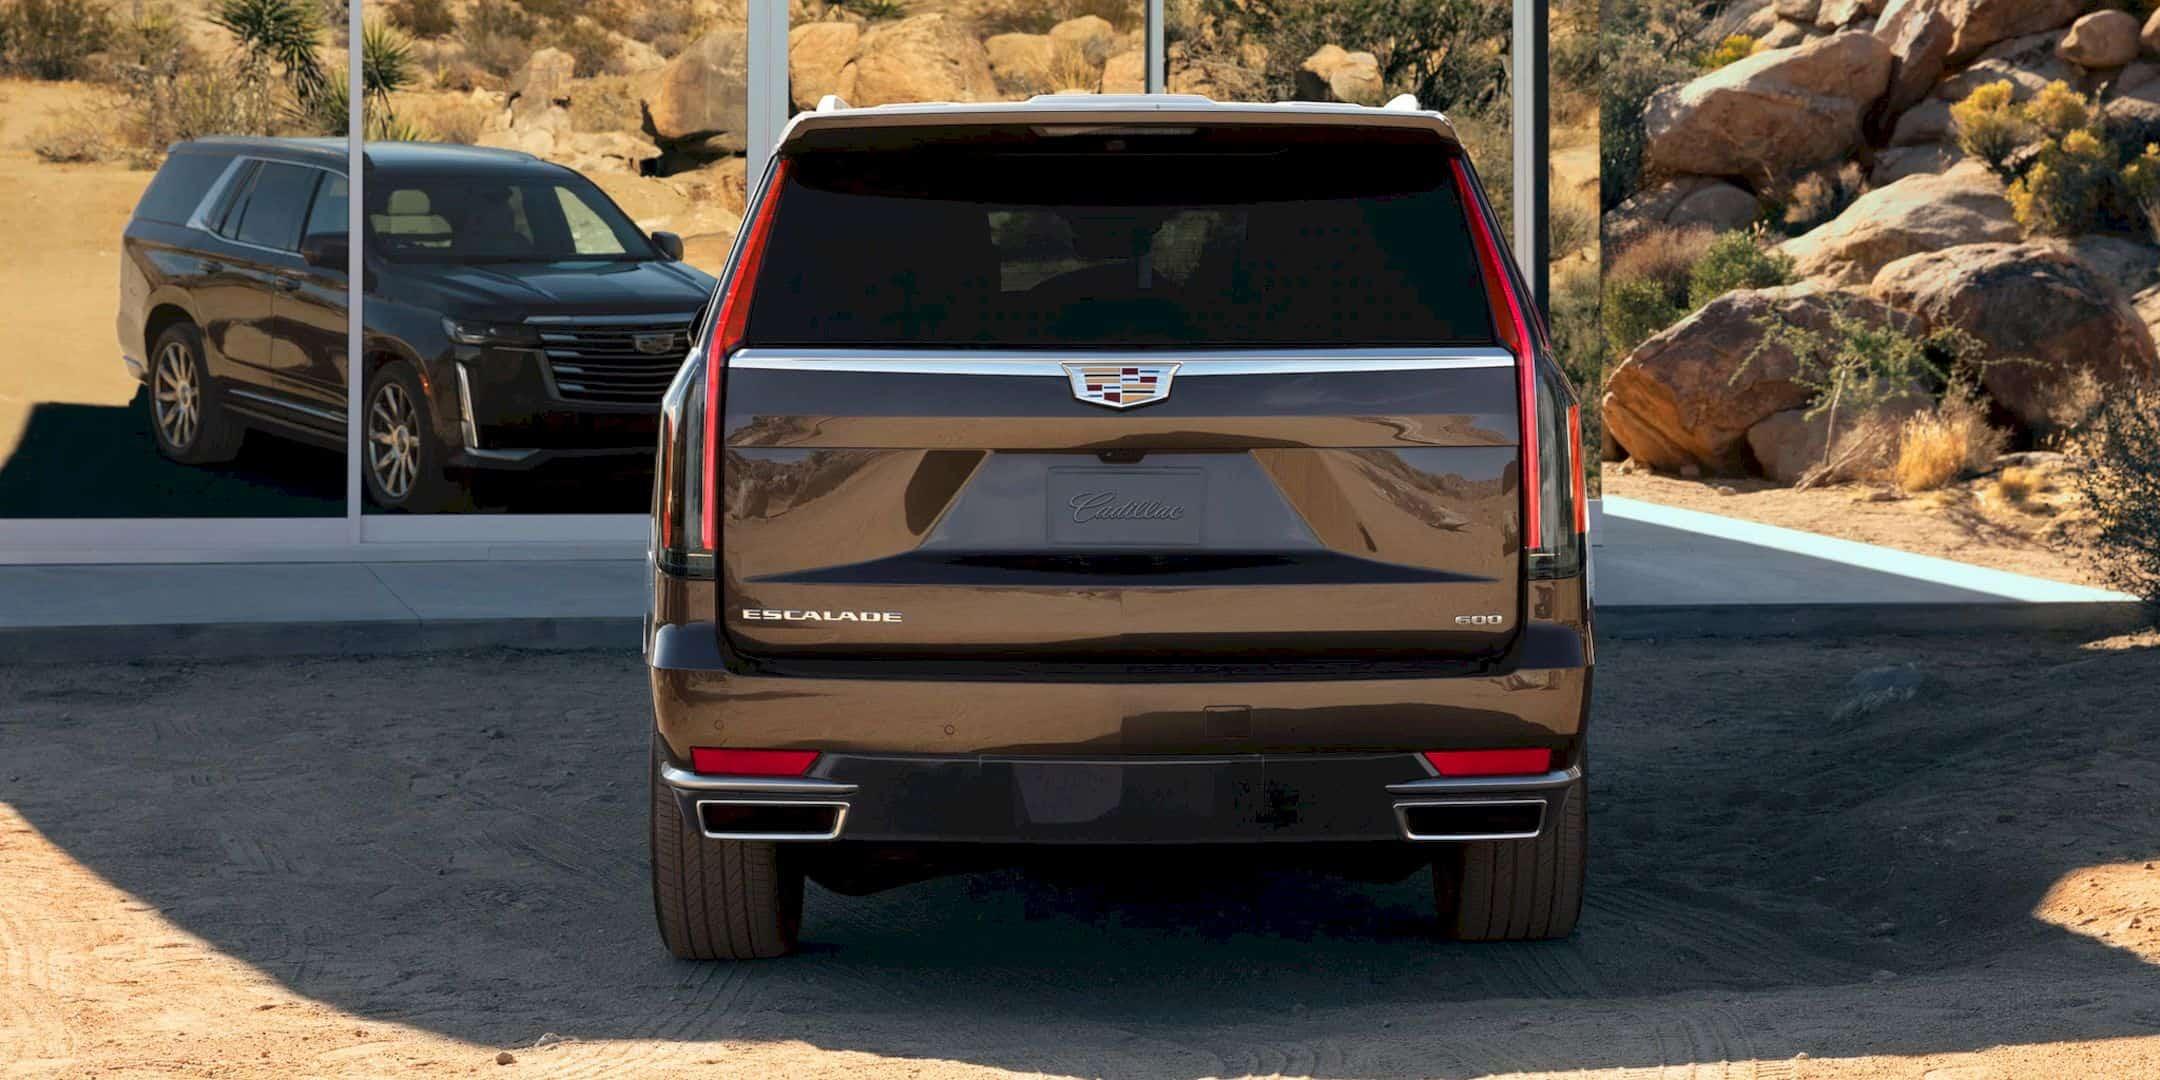 2021 Cadillac Escalade SUV 6